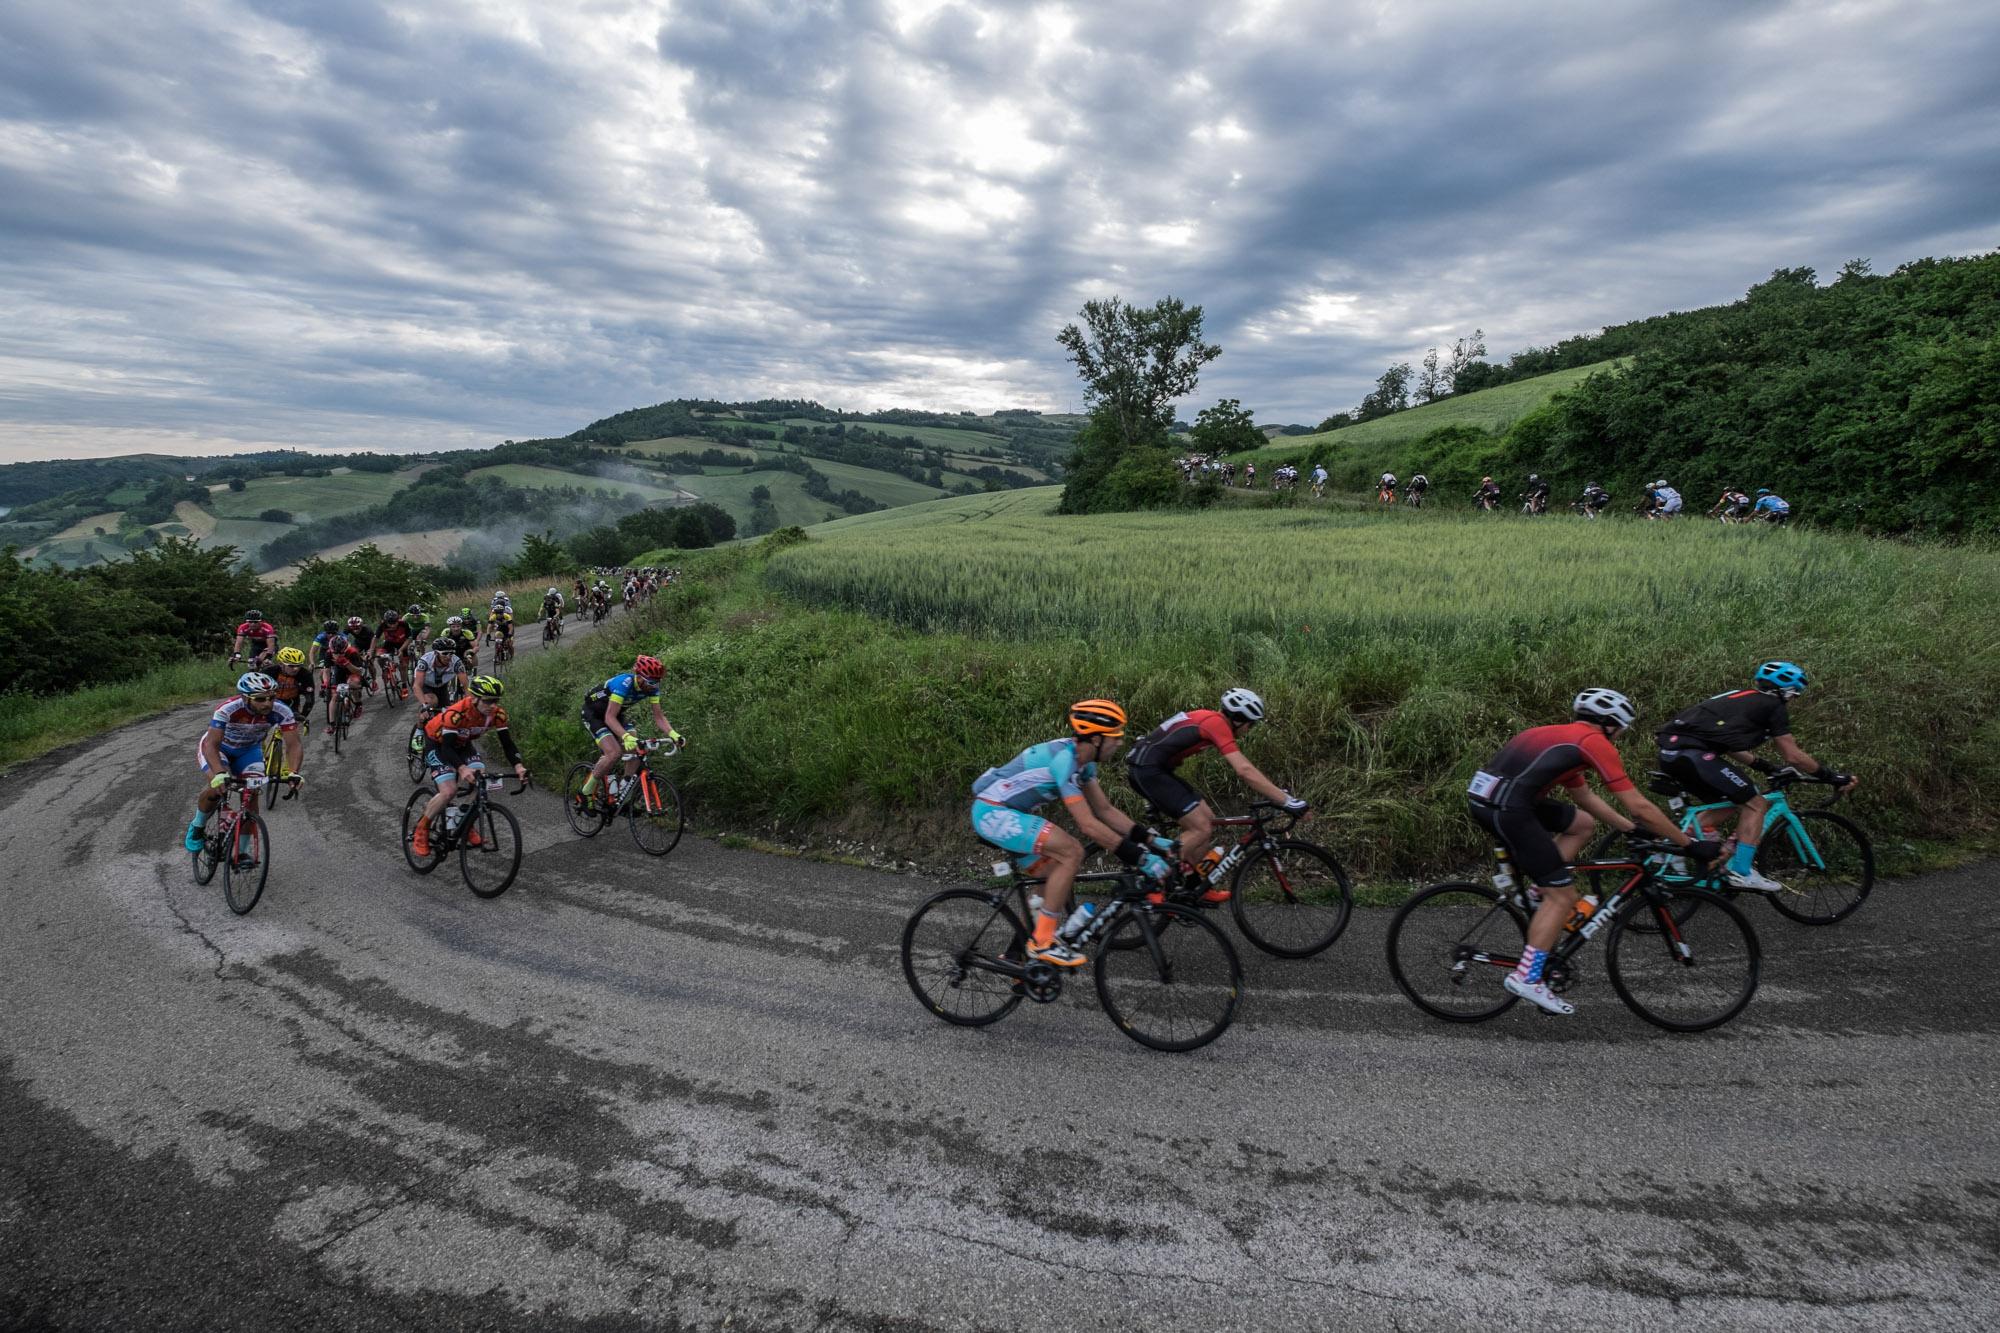 Eine Gruppe von Rennradfahrern fährt eine Serpentine hoch